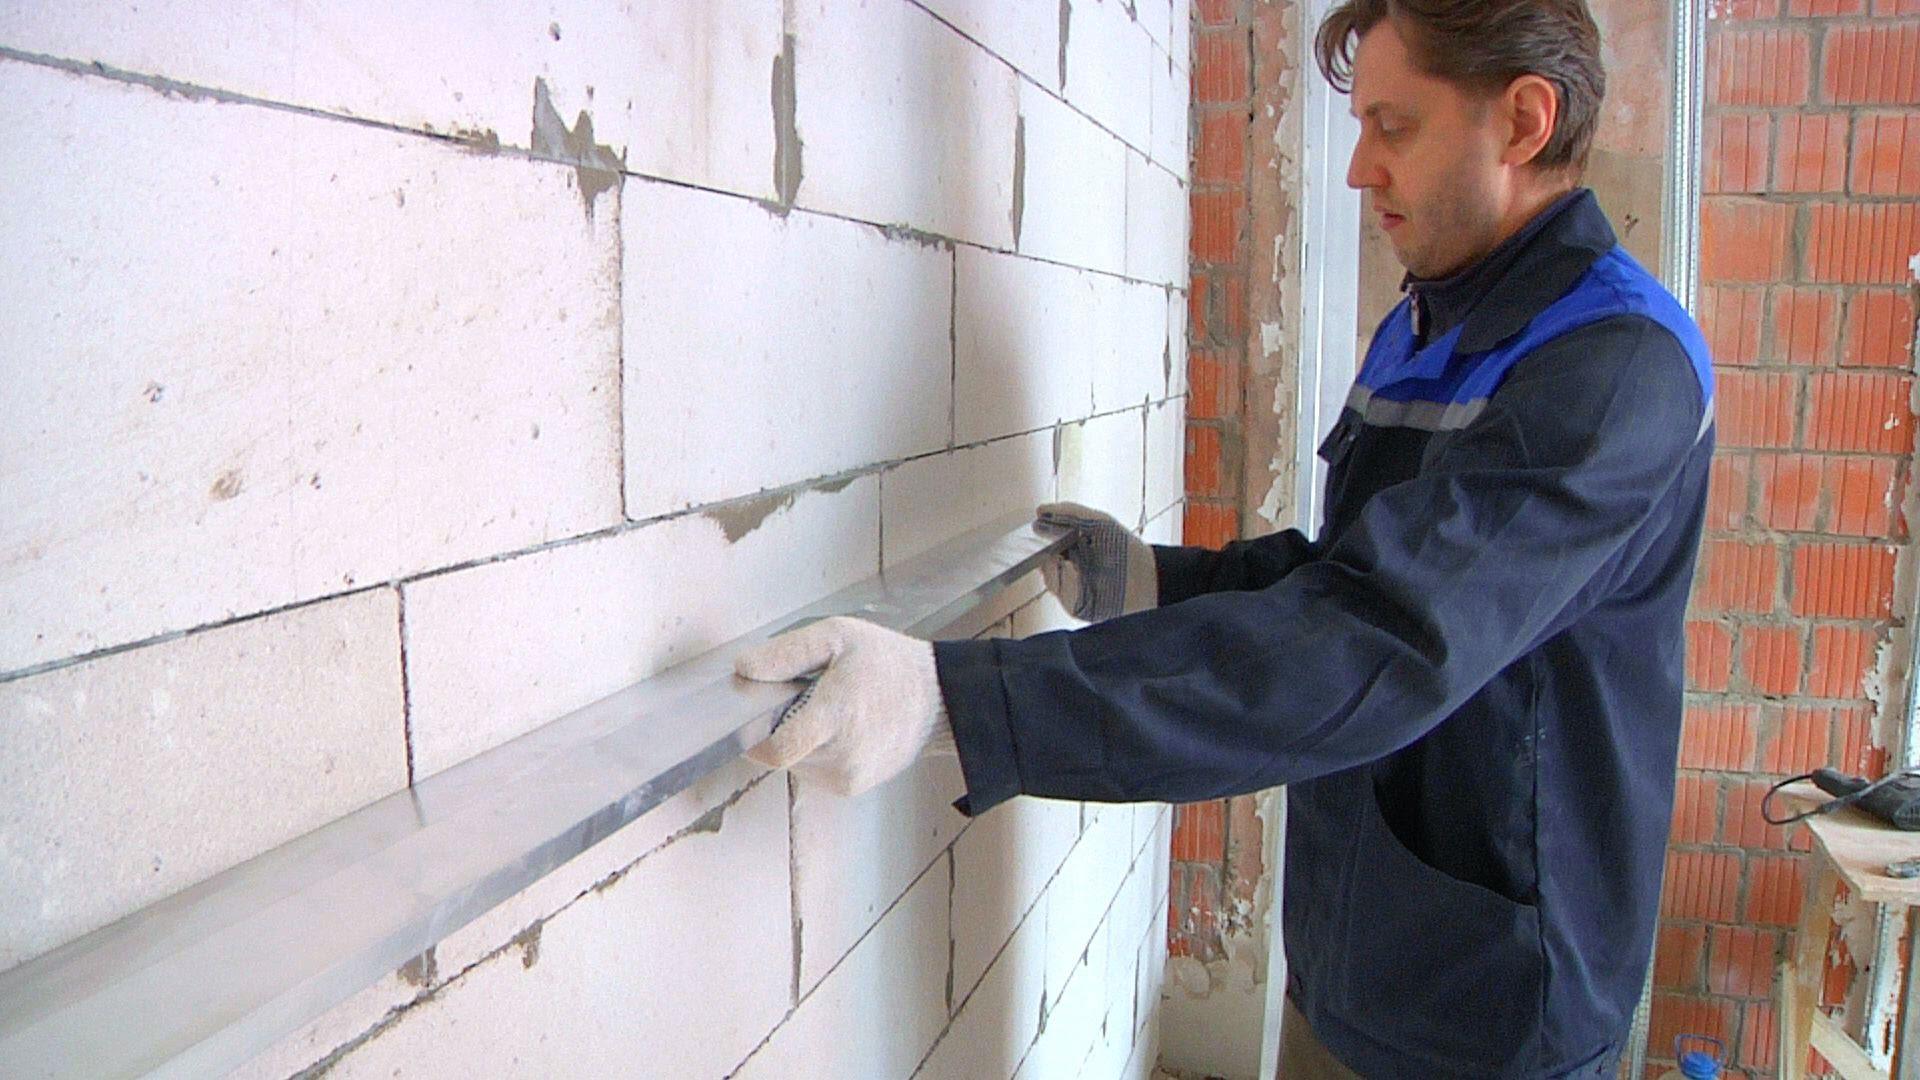 согревание последующее штукатурка на стенку газоблока вариант